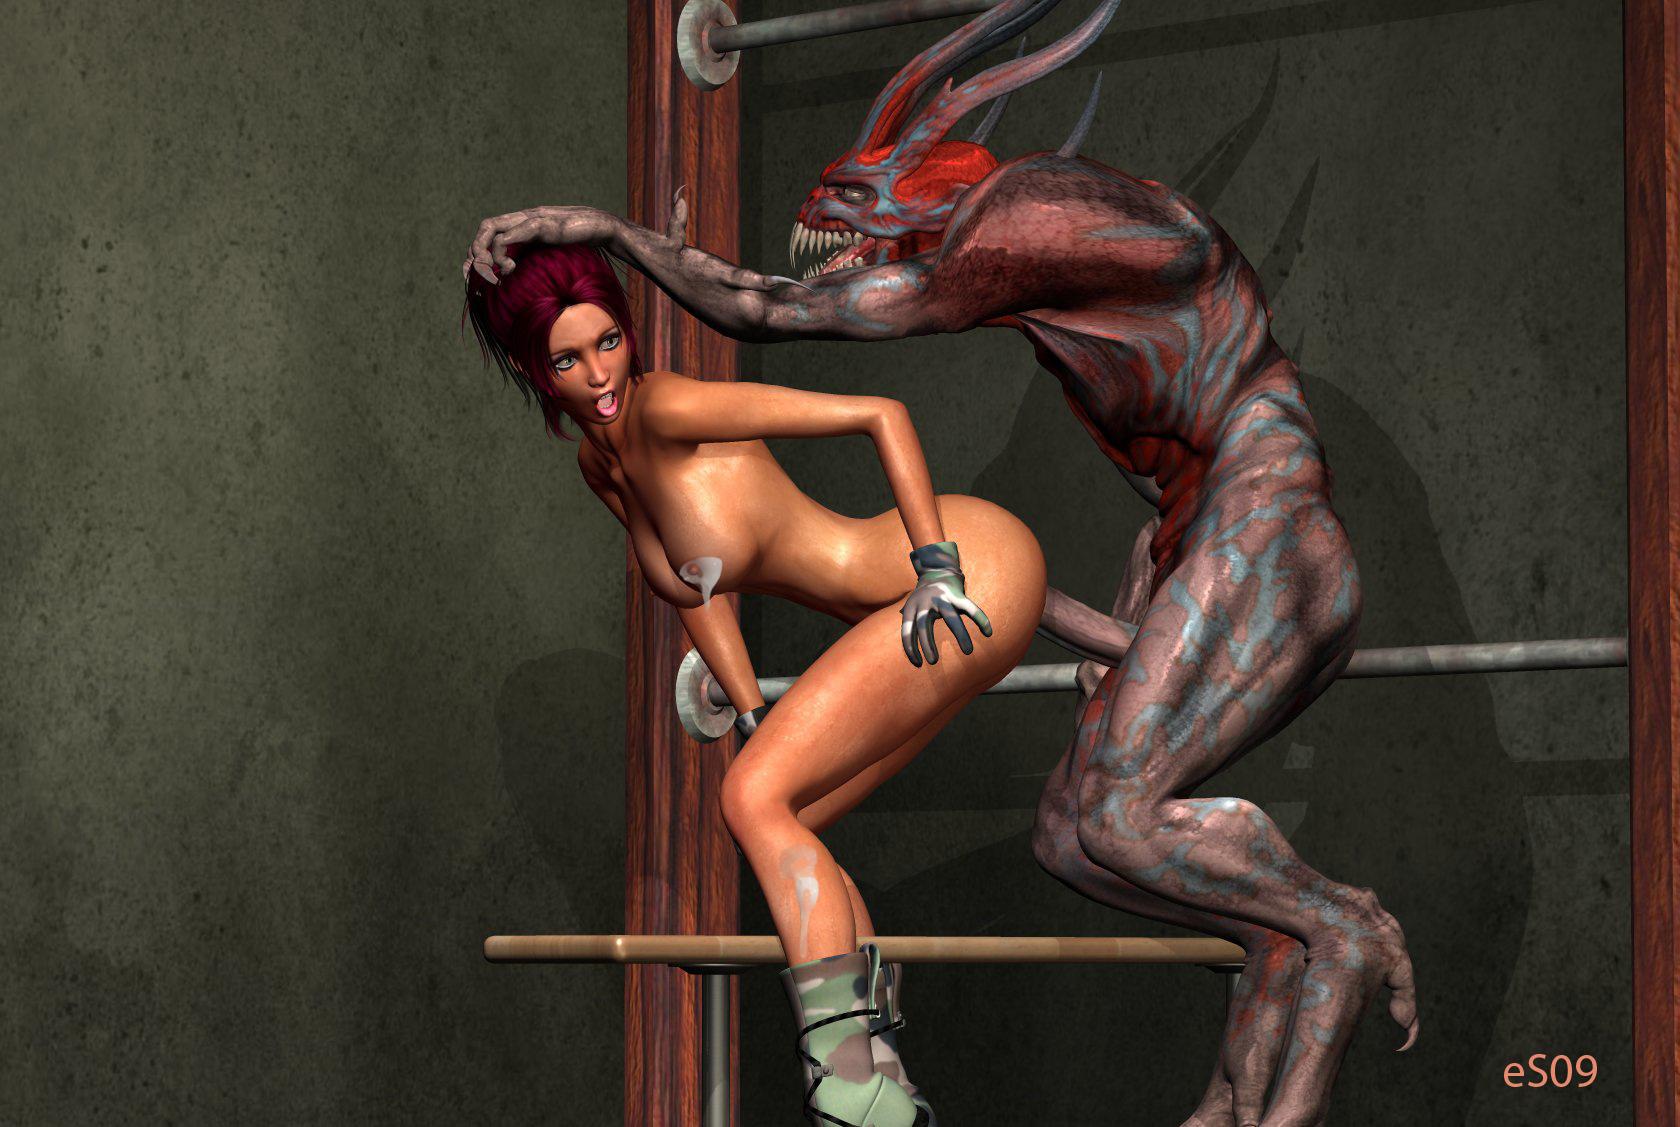 Секс с чудовищем комиксы 20 фотография